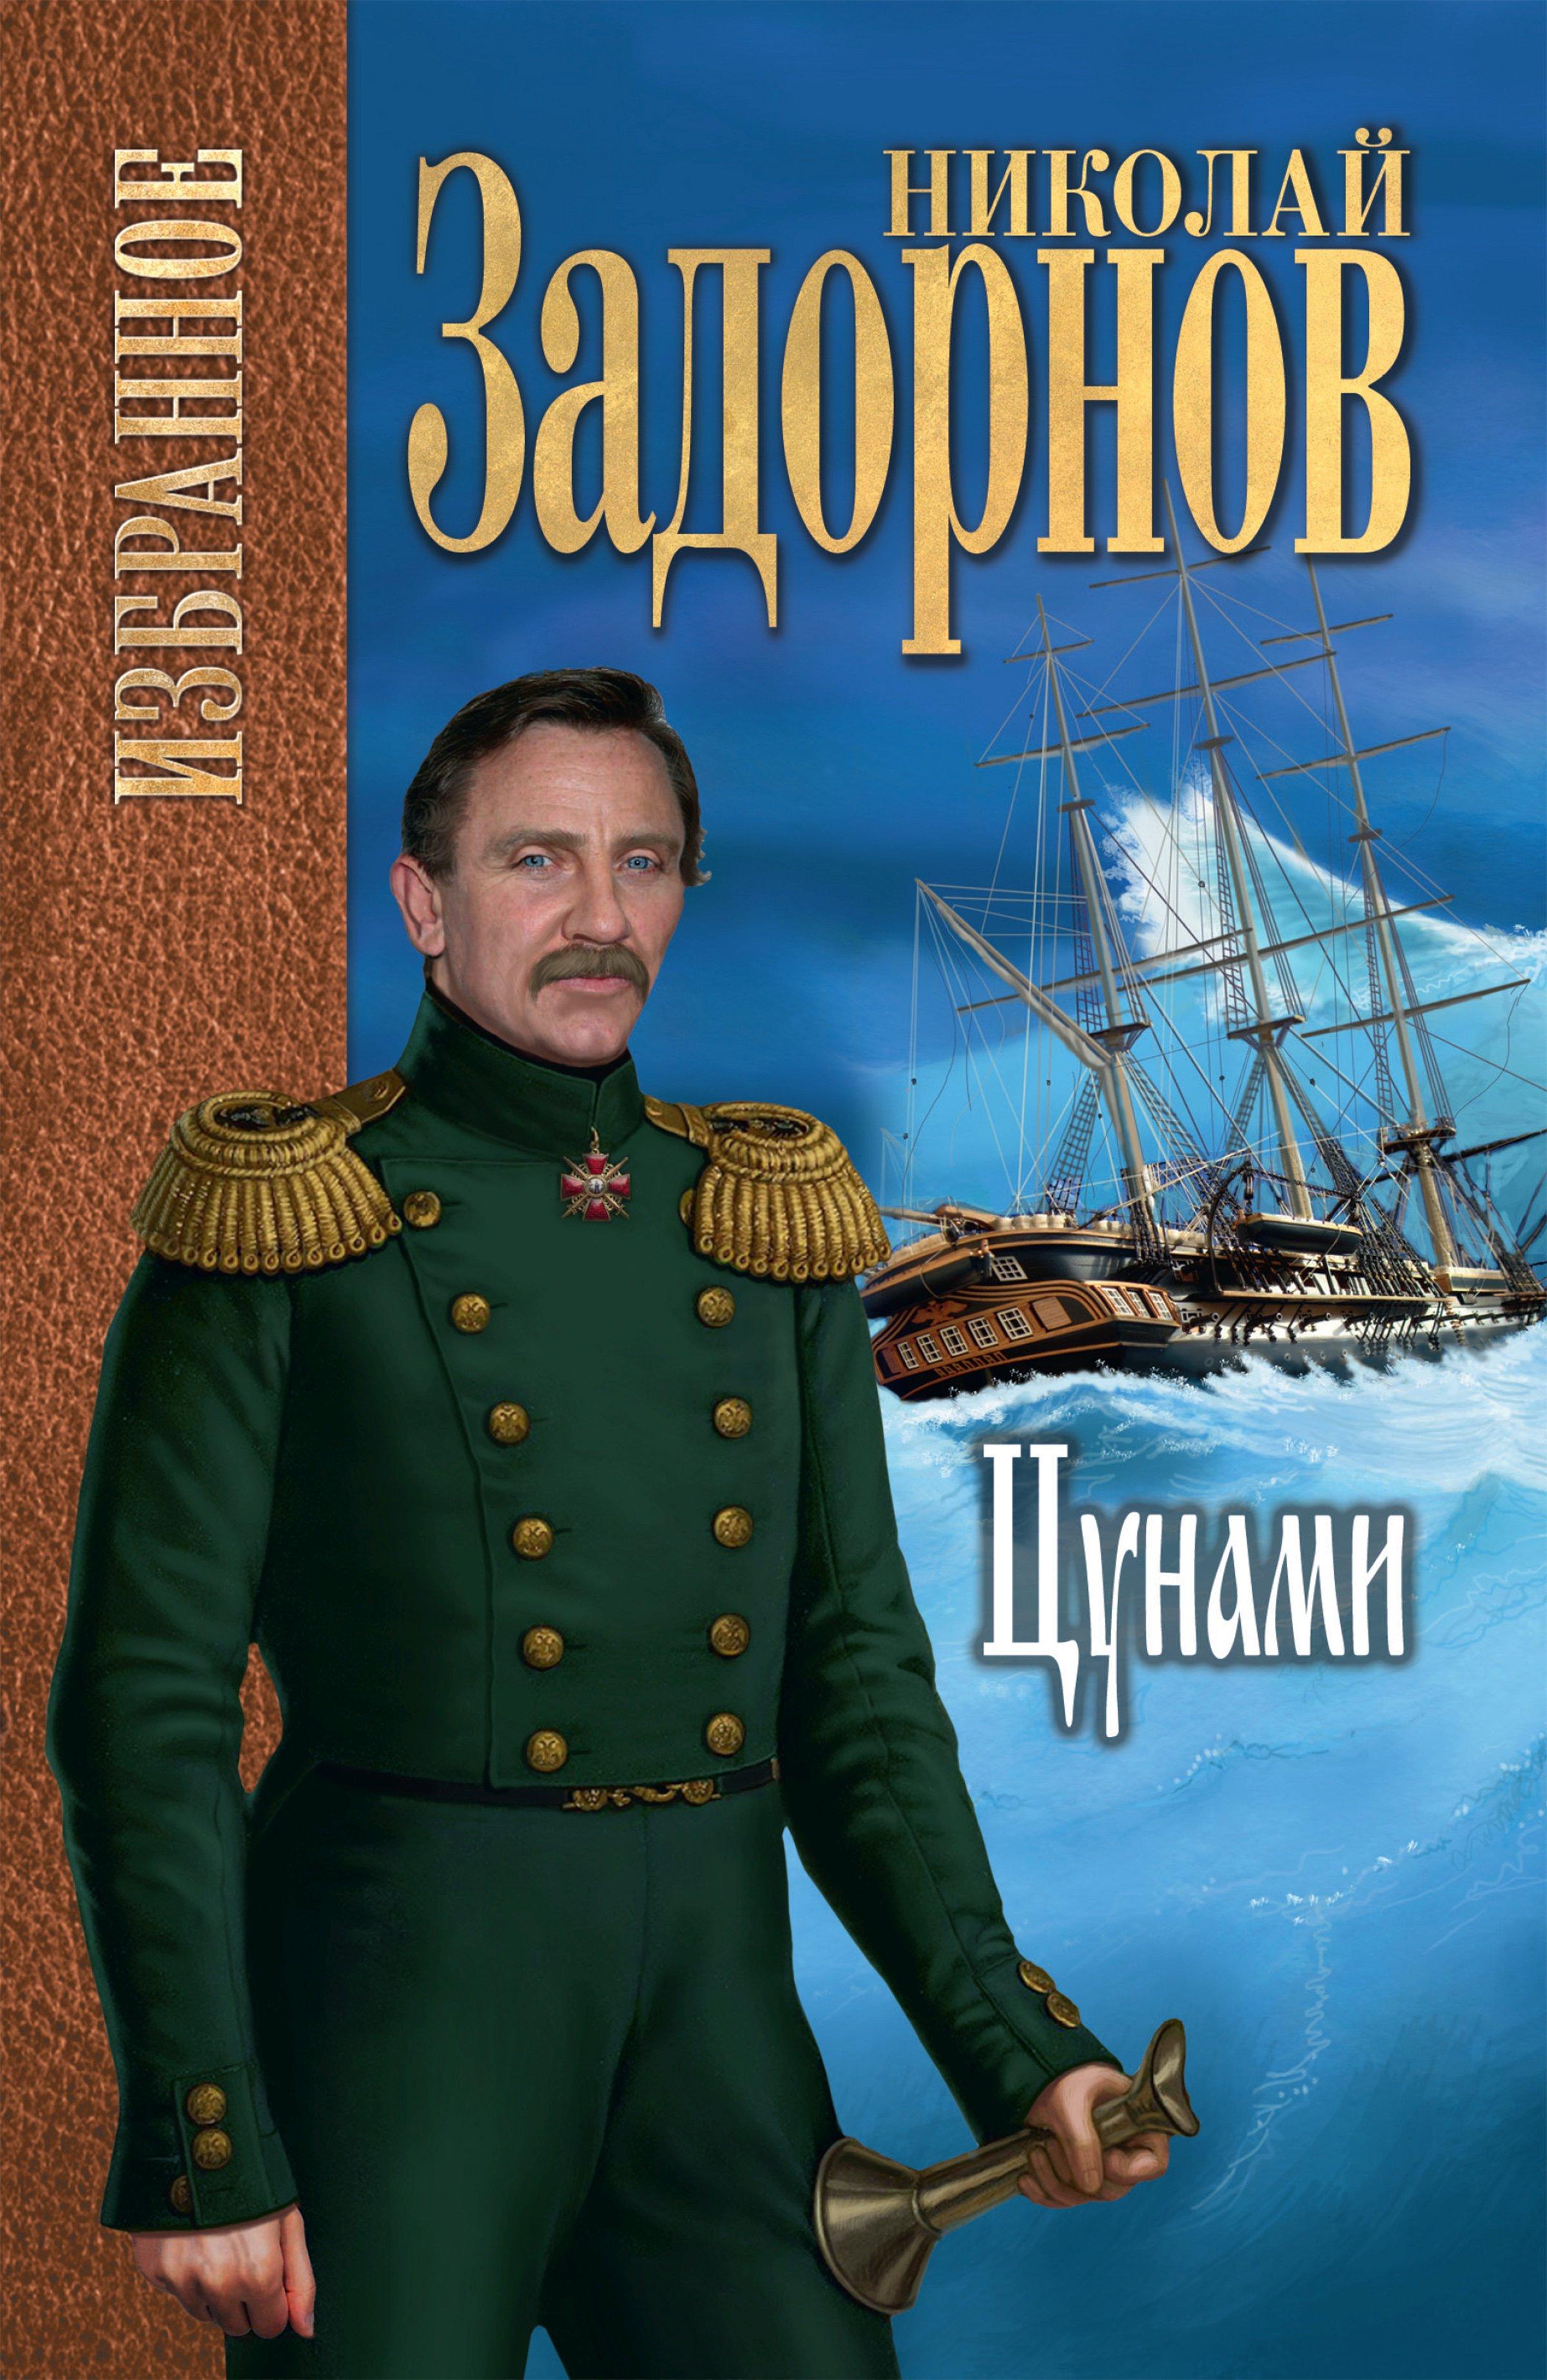 Купить книгу Цунами, автора Николая Задорнова